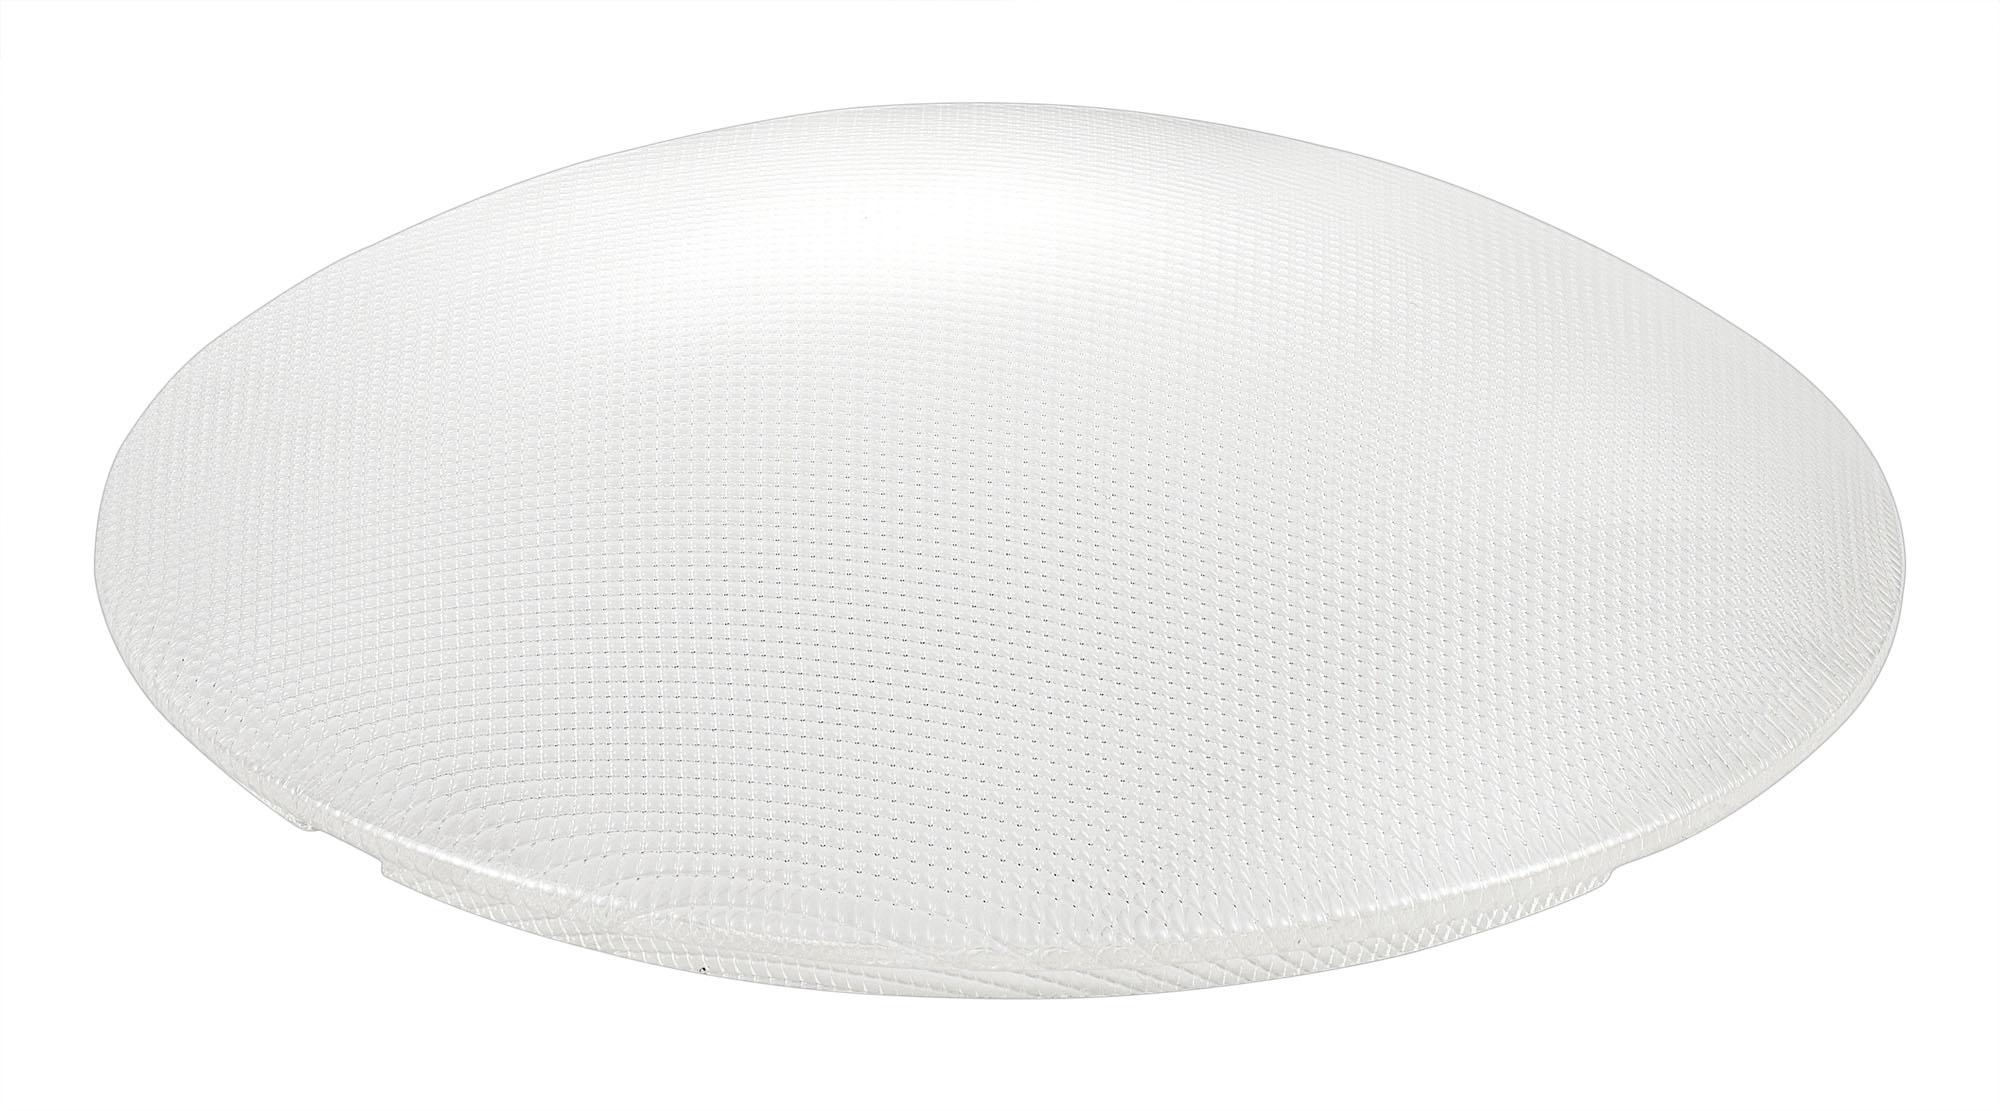 漫射罩-光导照明系统